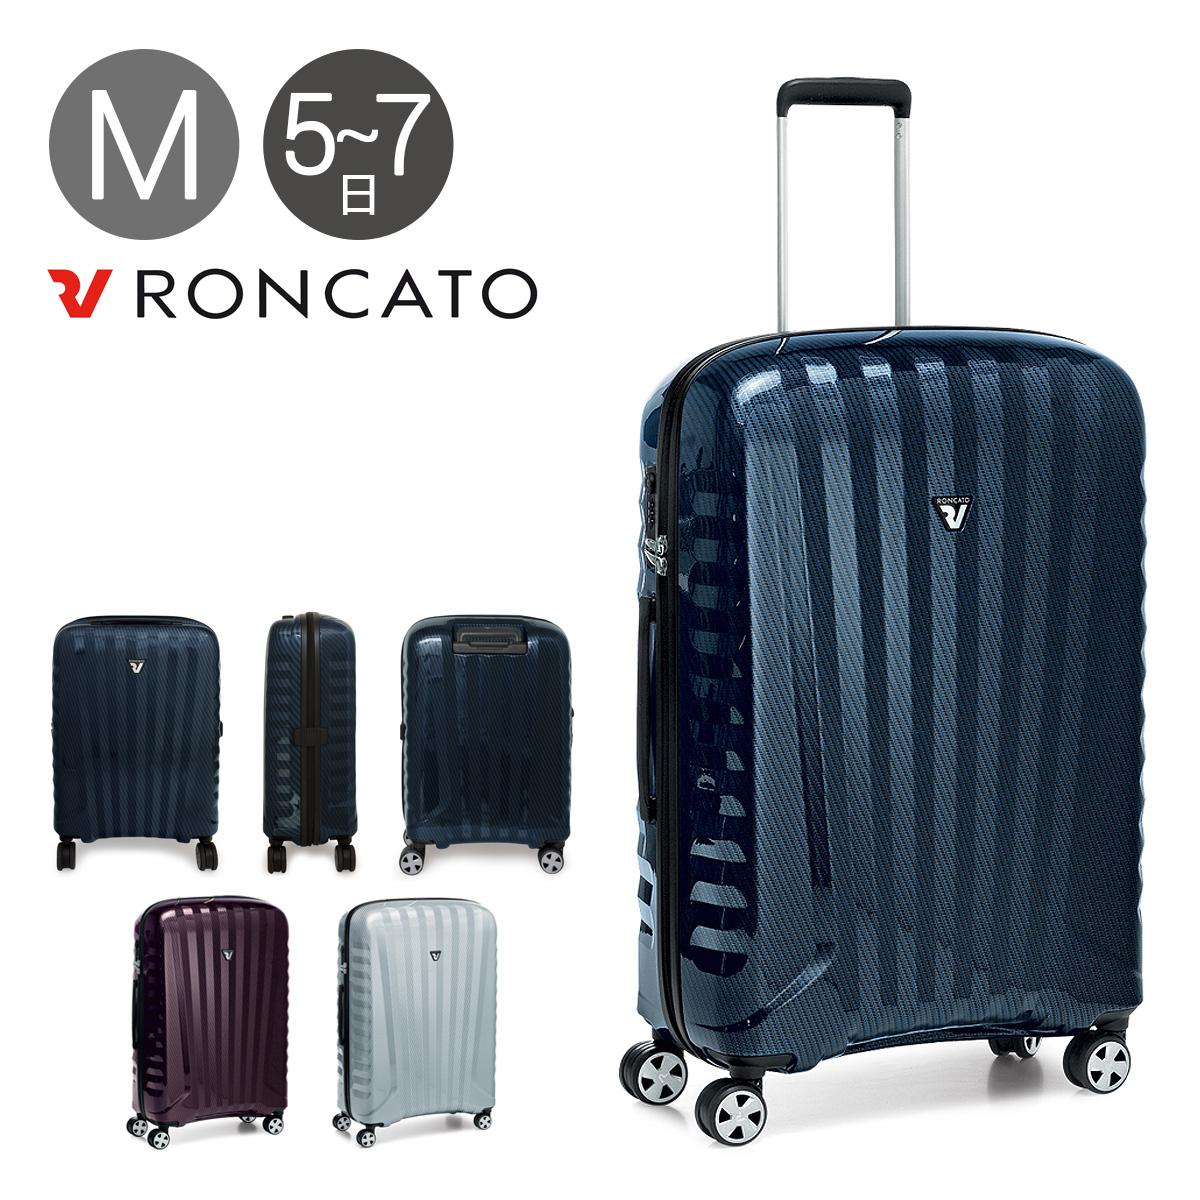 ロンカート スーツケース 5175 67cm 【 RONCATO PREMIUM ZSL CARBON プレミアムカーボン 】【 キャリーケース ハードキャリー TSAロック搭載 イタリア製 10年保証 】【bef】